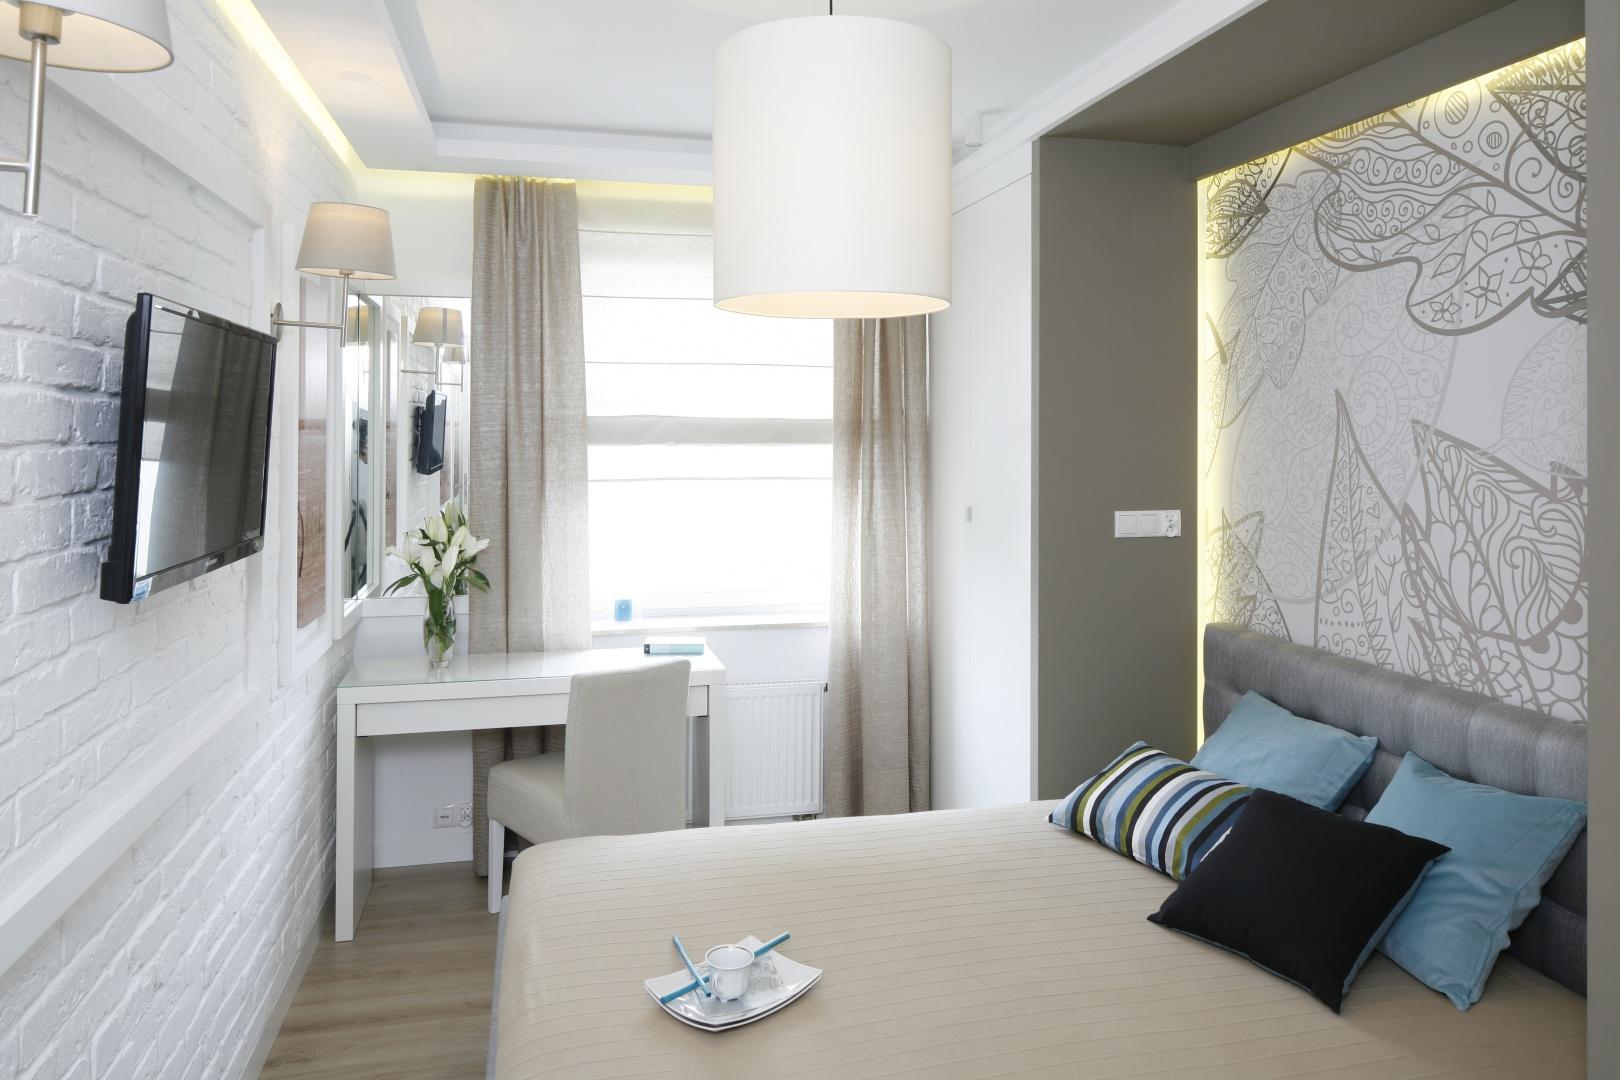 Ściana za łóżkiem to idealne miejsce do śmielszych dekoracji. Ciekawym pomysłem jest dekoracyjna wnęka w ścianie, w której ustawione zostało łóżko. Projekt: Małgorzata Mazur. Fot. Bartosz Jarosz